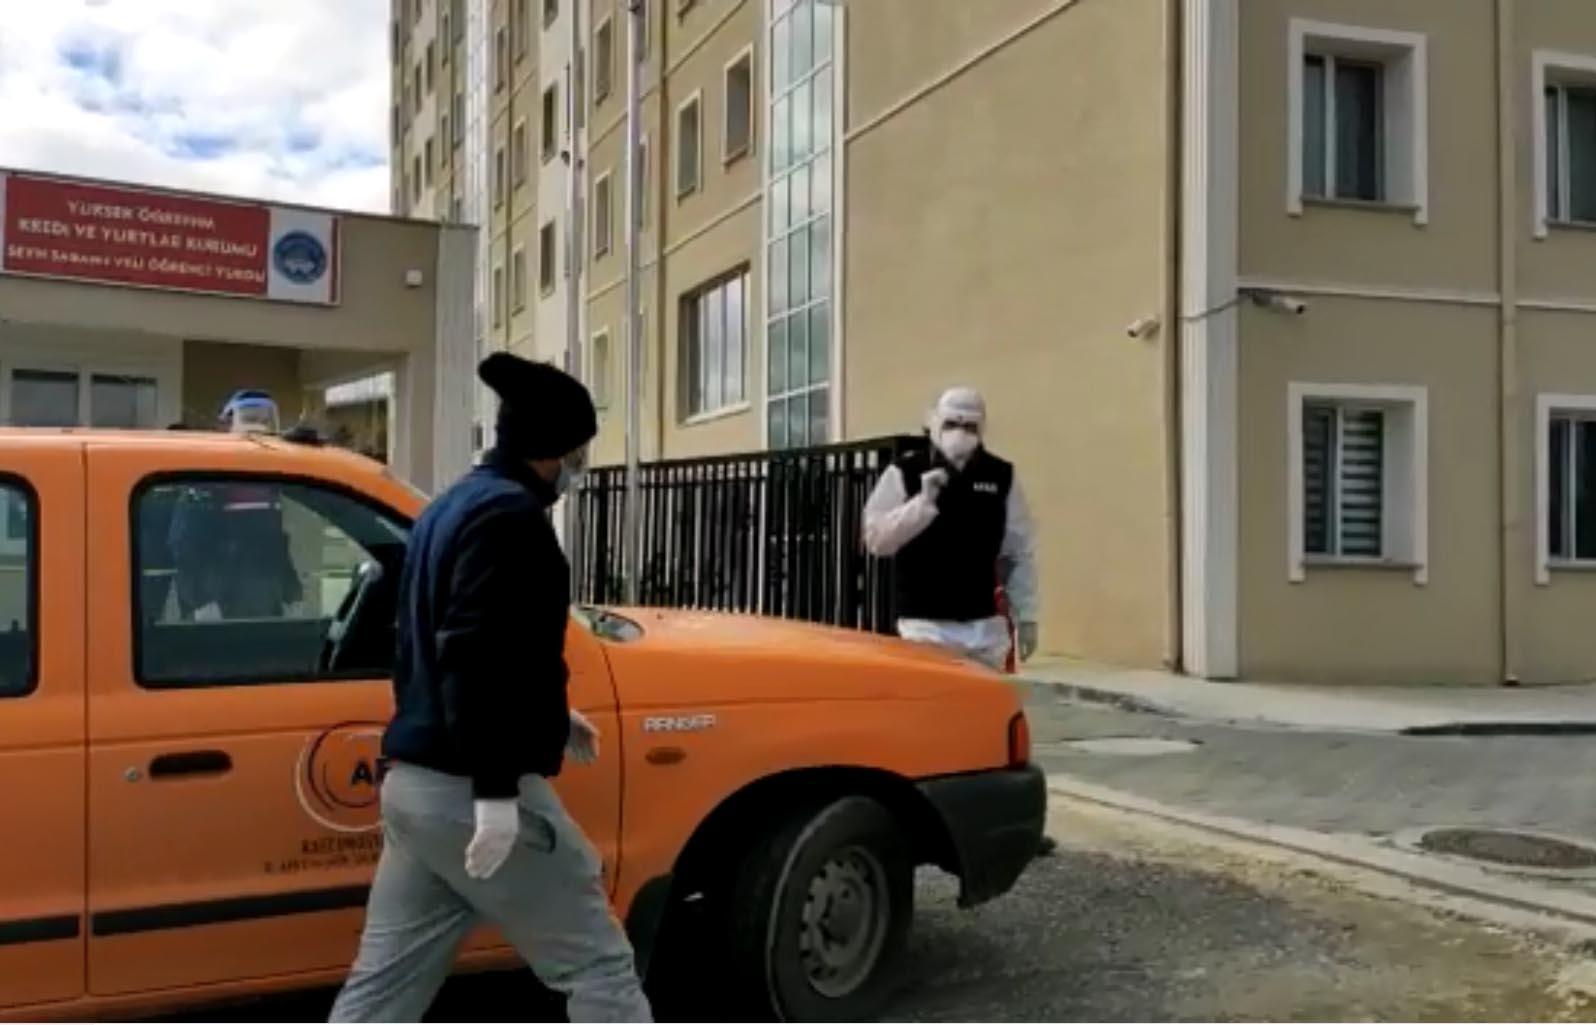 Koronavirüs hastası, dayısının HES koduyla seyahat ederken yakalandı